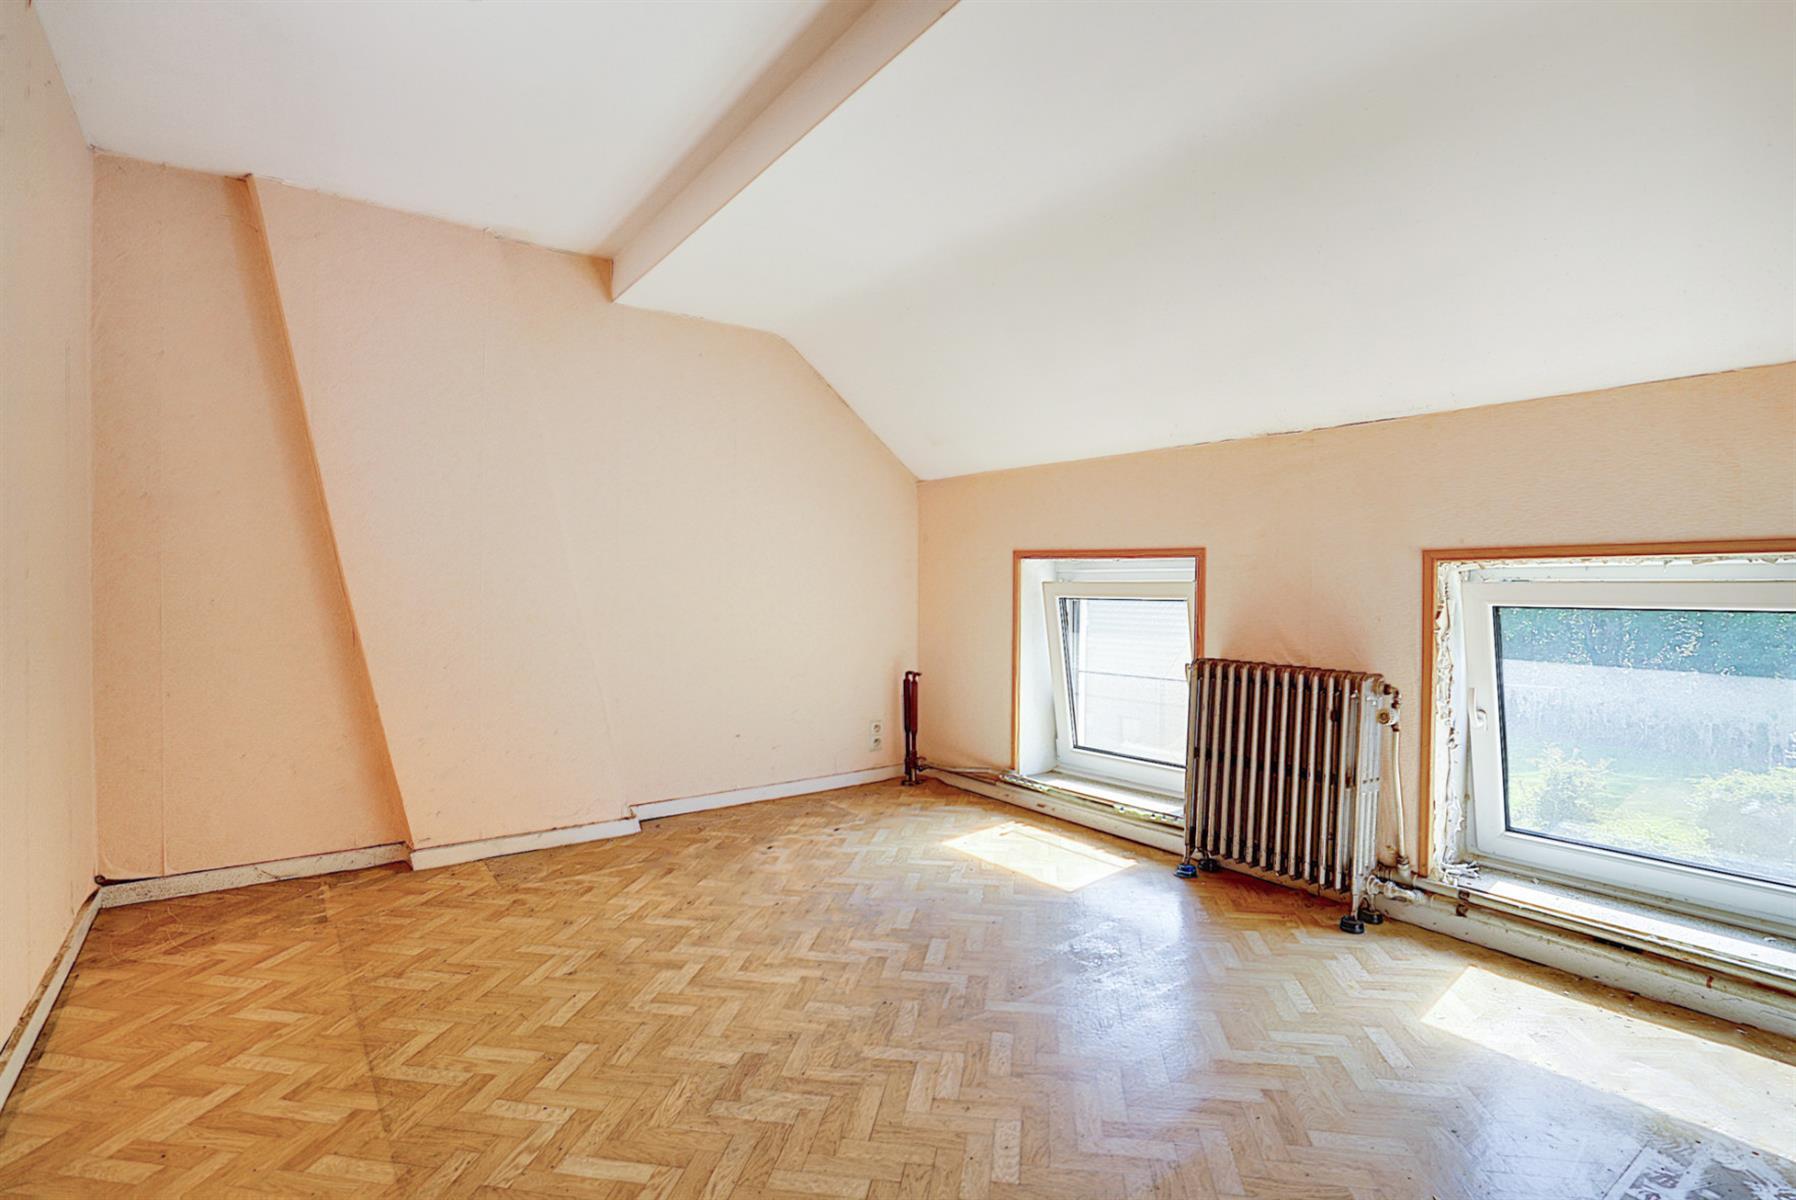 Maison - Chaumont-Gistoux - #3849419-8